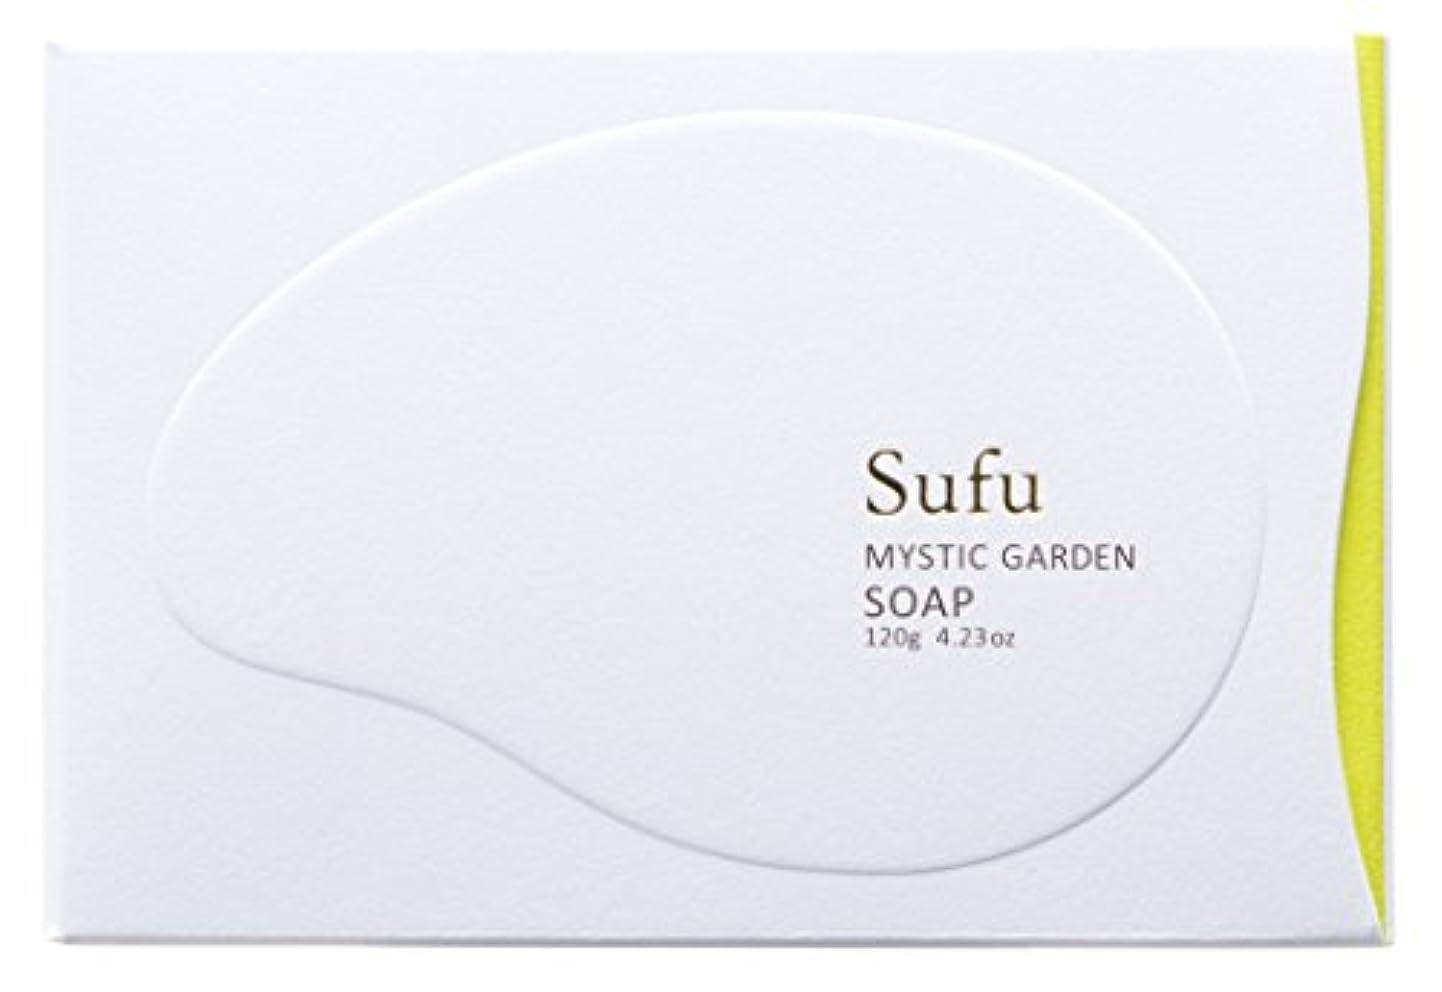 ボイコット予見する磁器ペリカン石鹸 Sufu ソープ ミスティックガーデン 120g